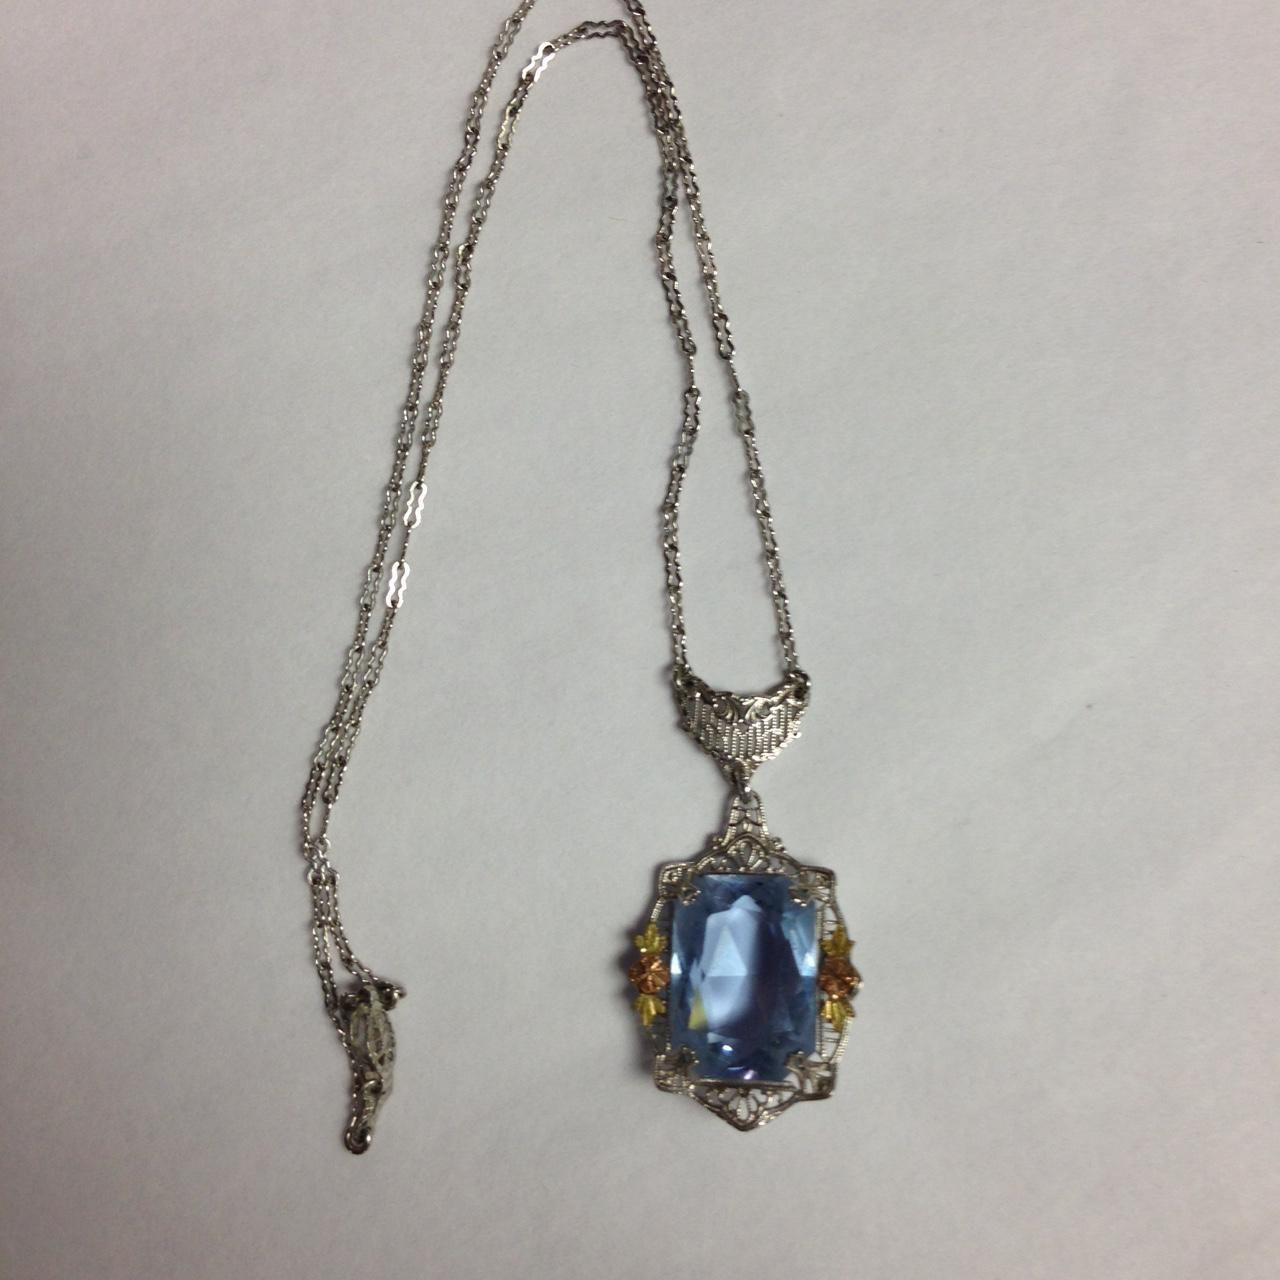 Art Deco Lavalier Necklace